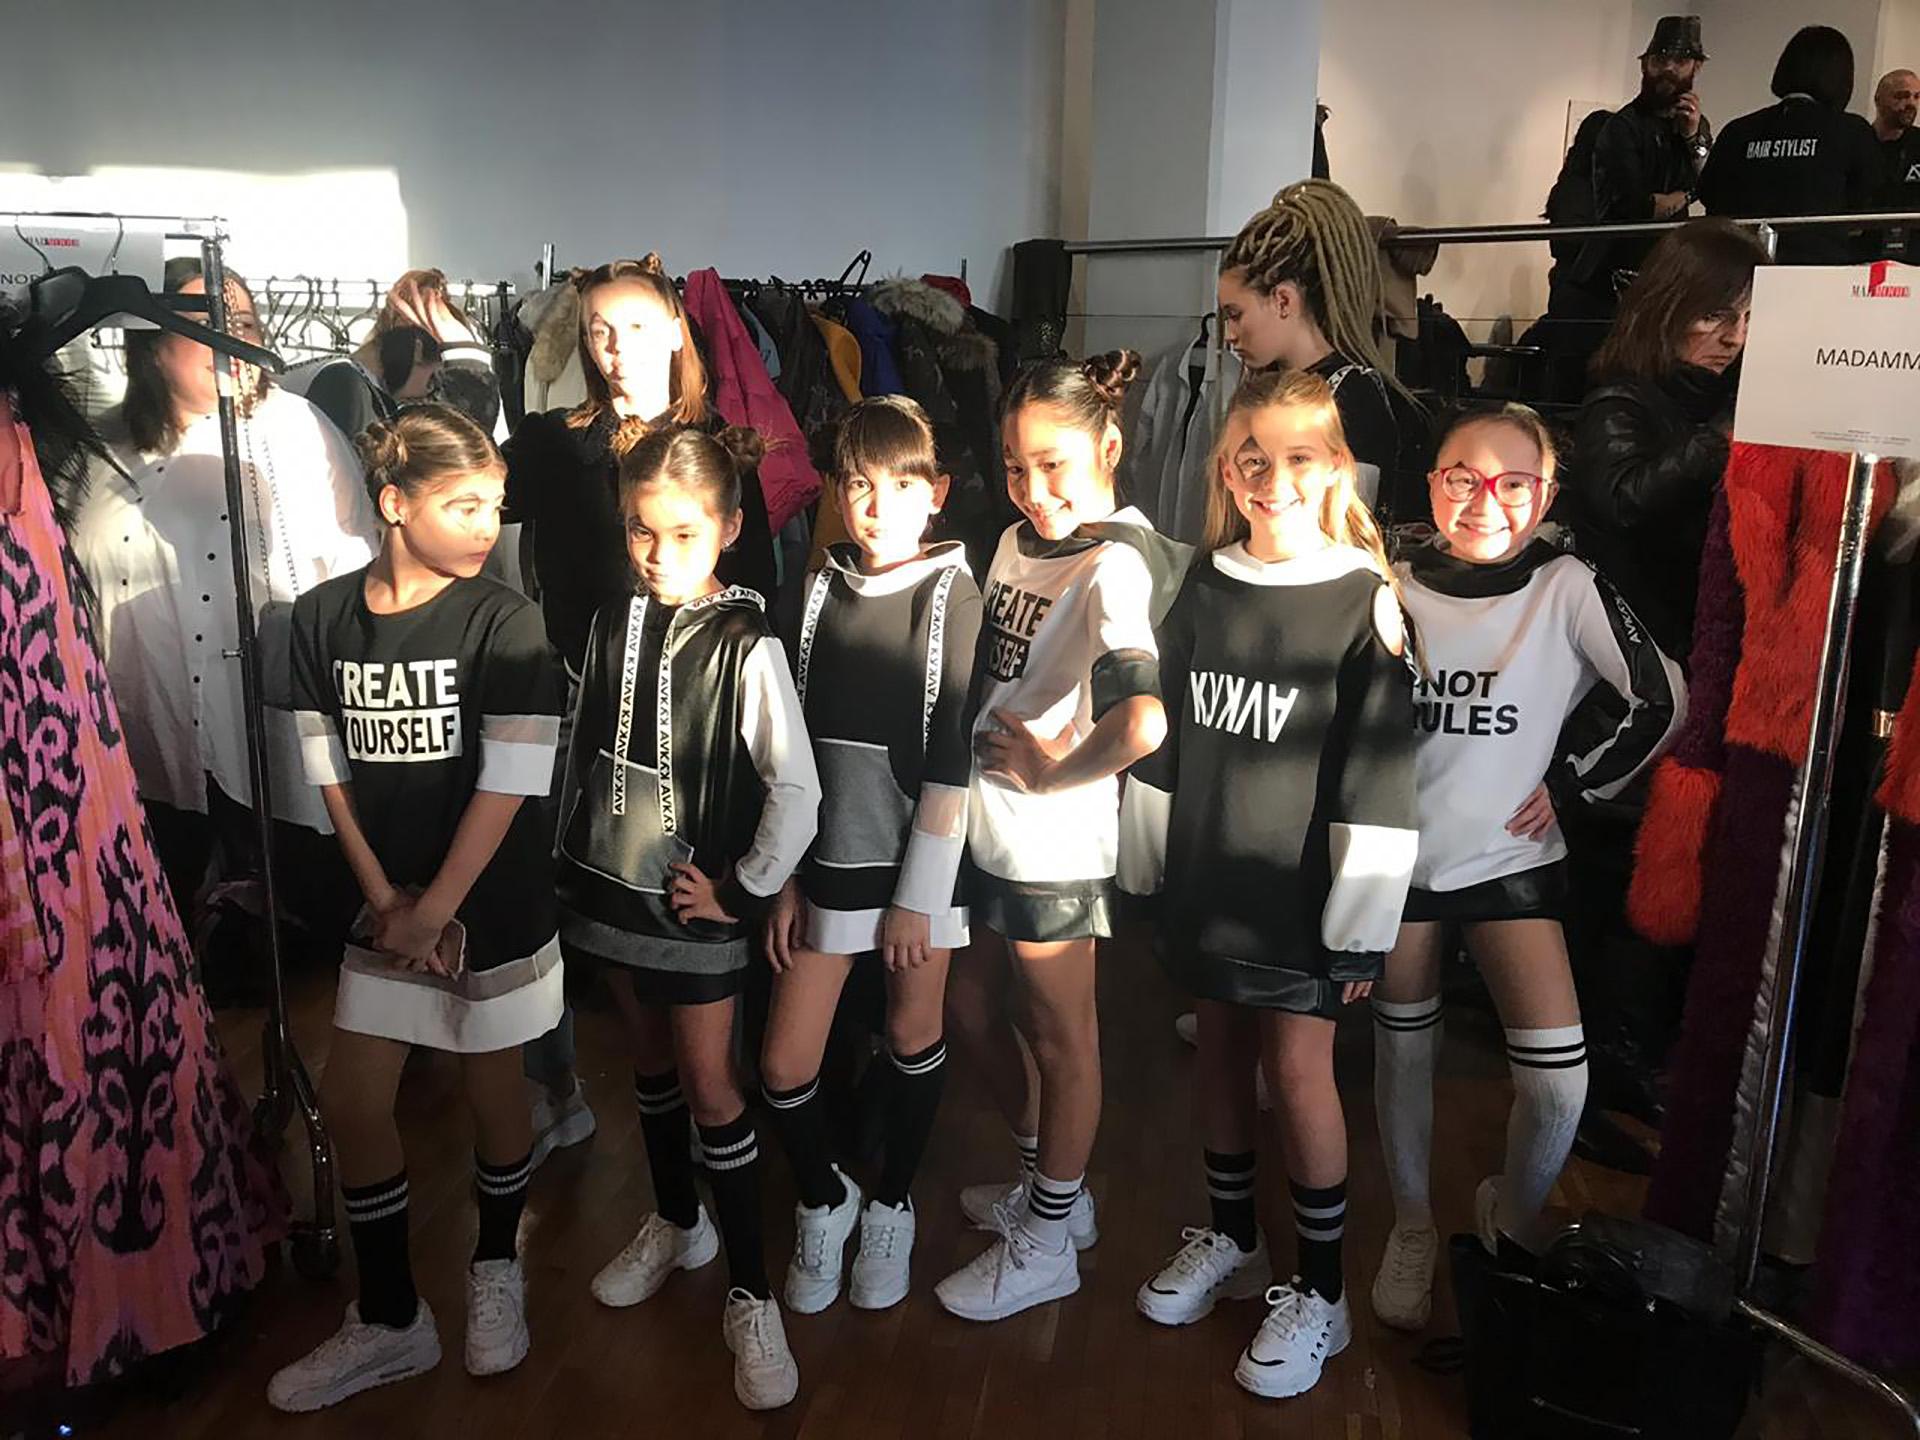 Las modelos teens en el ensayo previo a salir a la pasarela del convocante evento en Italia